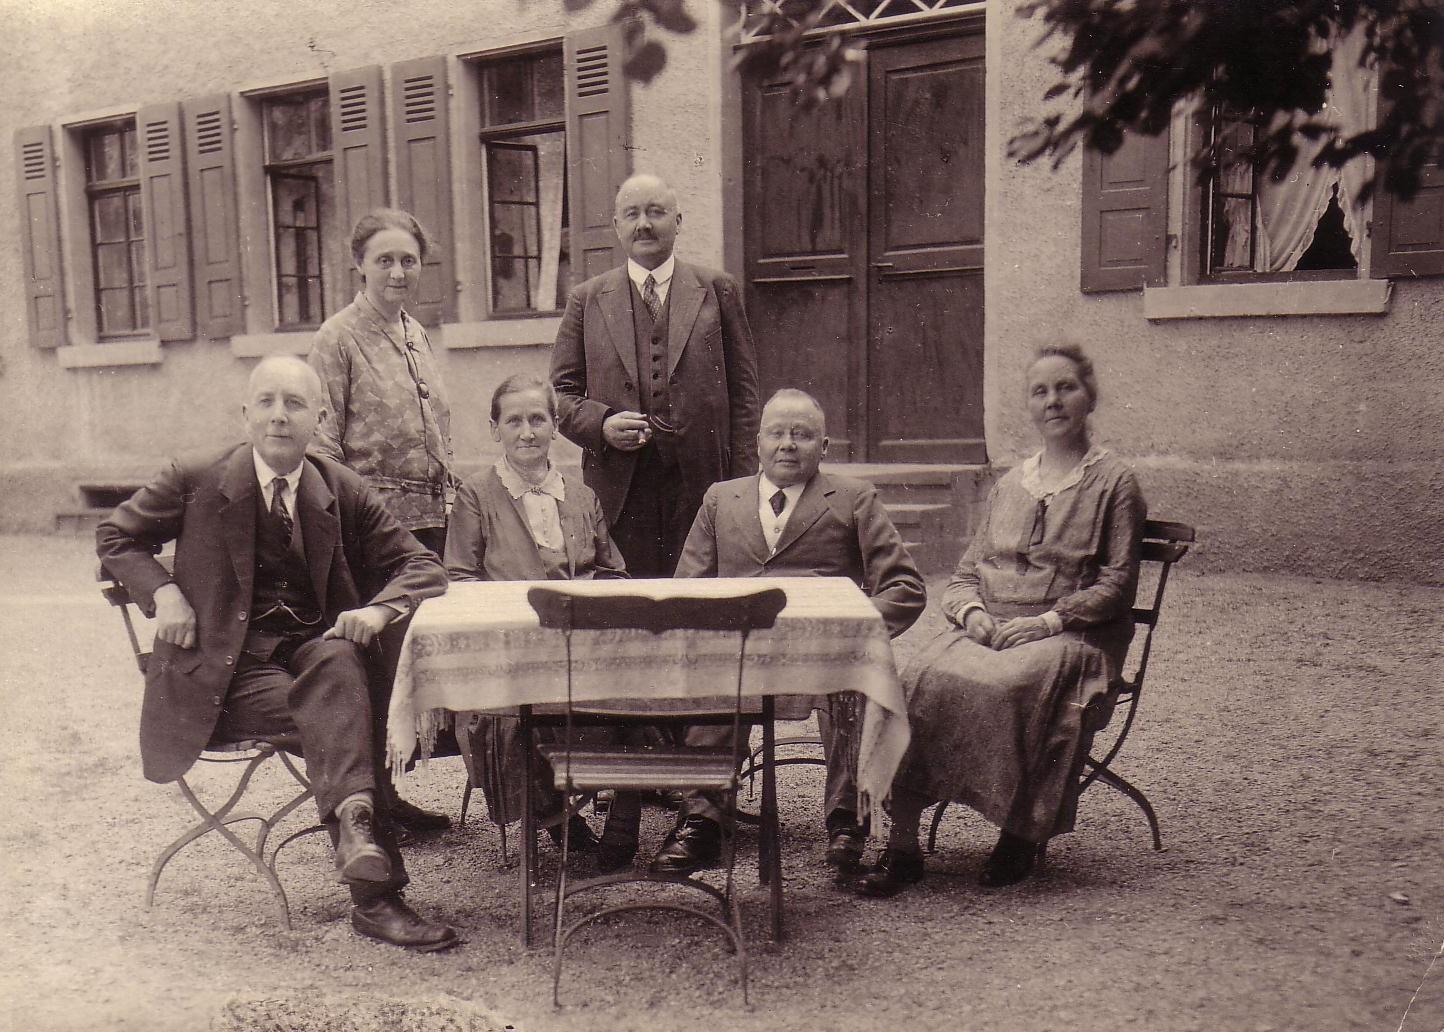 De Hochstädter Neues und Wissenswertes aus Hochstädten 150 Jahre Dr. Ludwig Linck